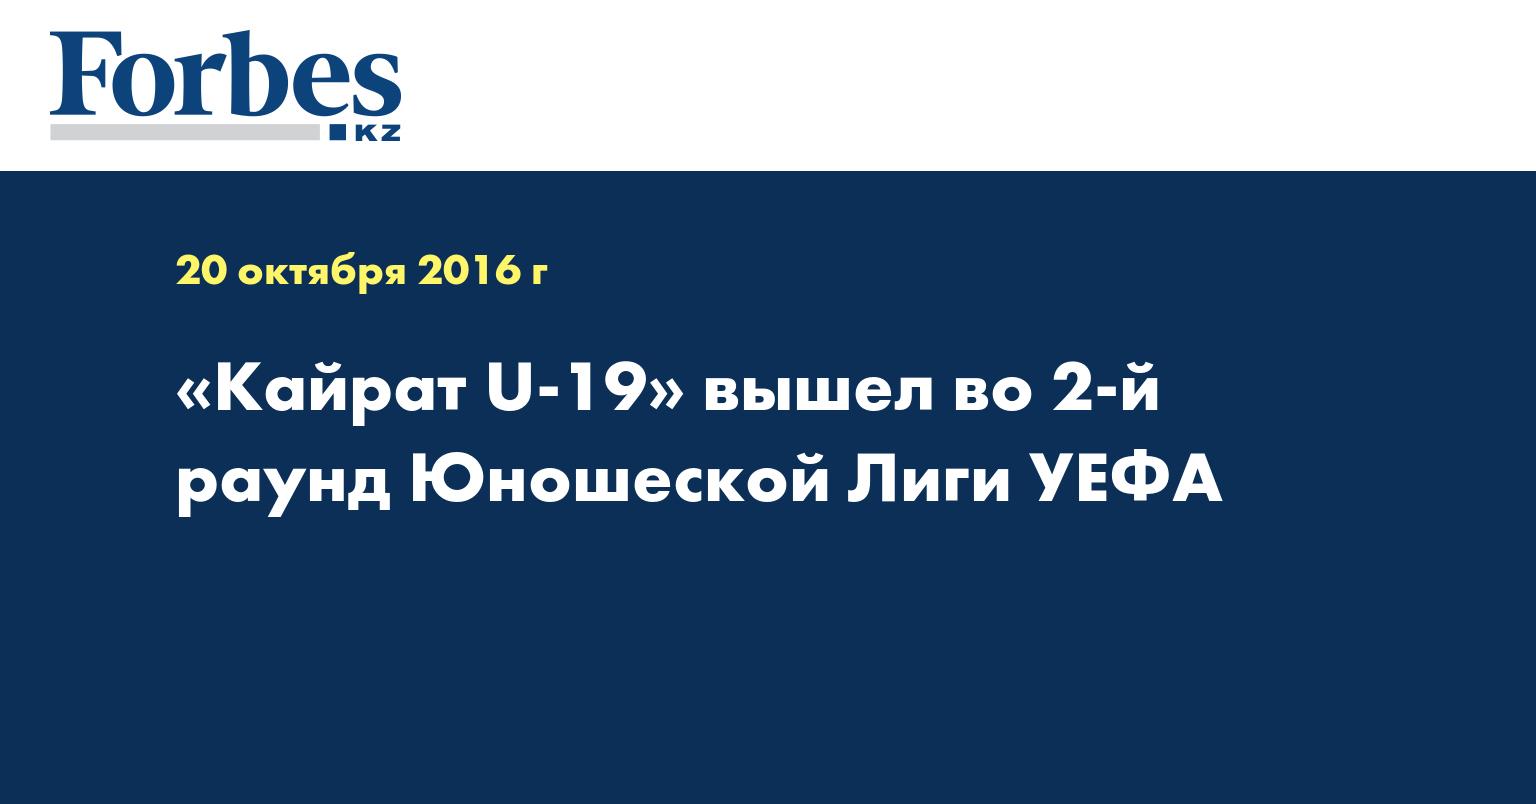 «Кайрат U-19» вышел во 2-й раунд Юношеской Лиги УЕФА